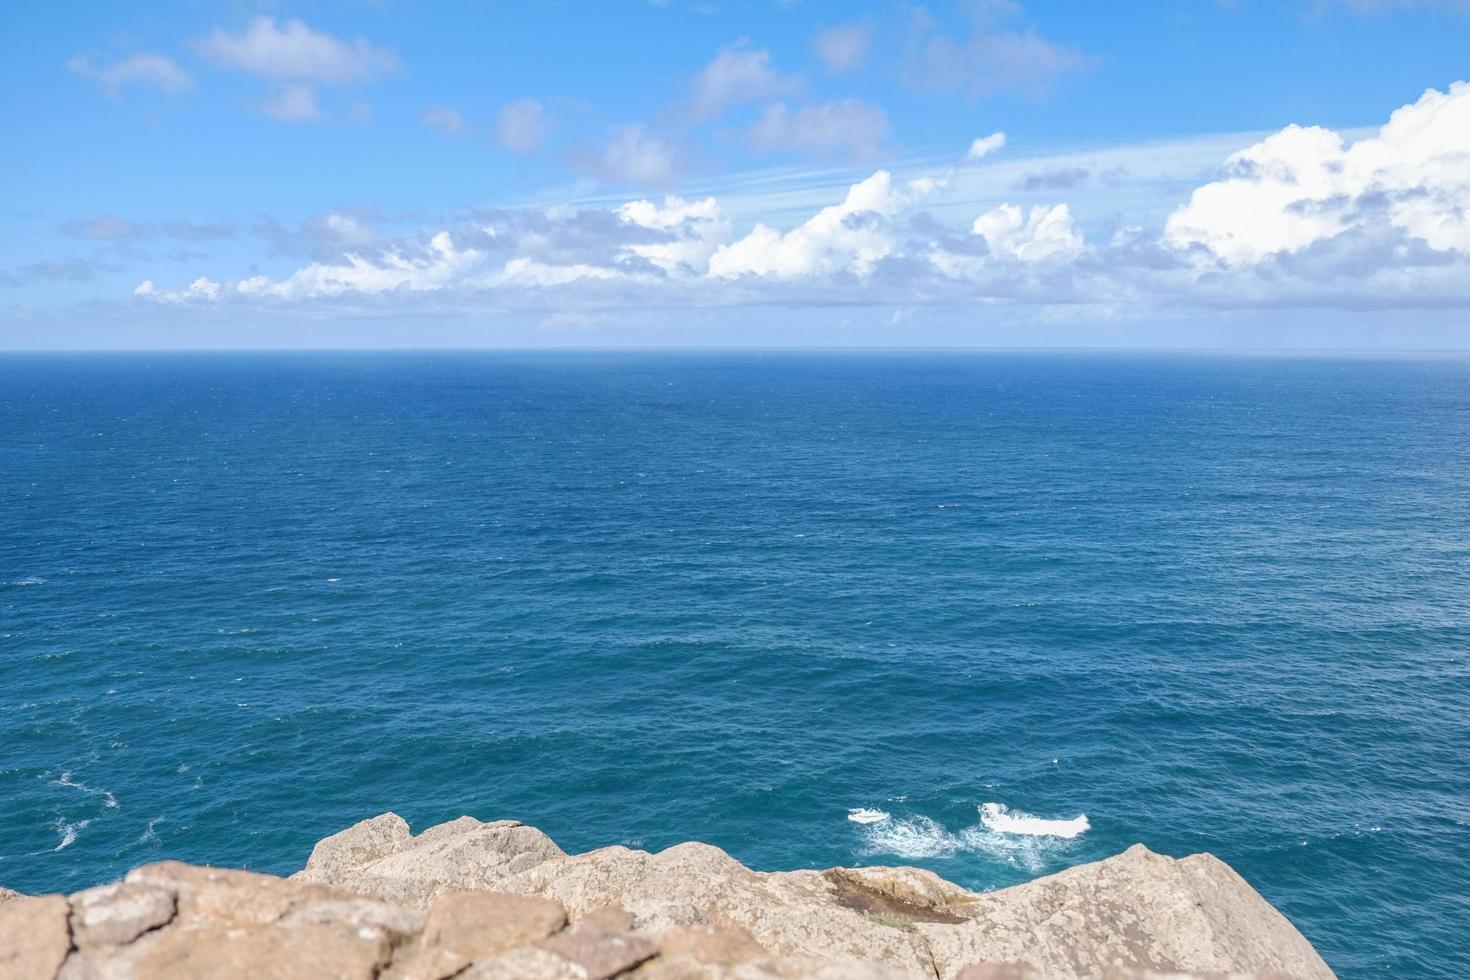 vue sur l'eau bleue et le ciel photo